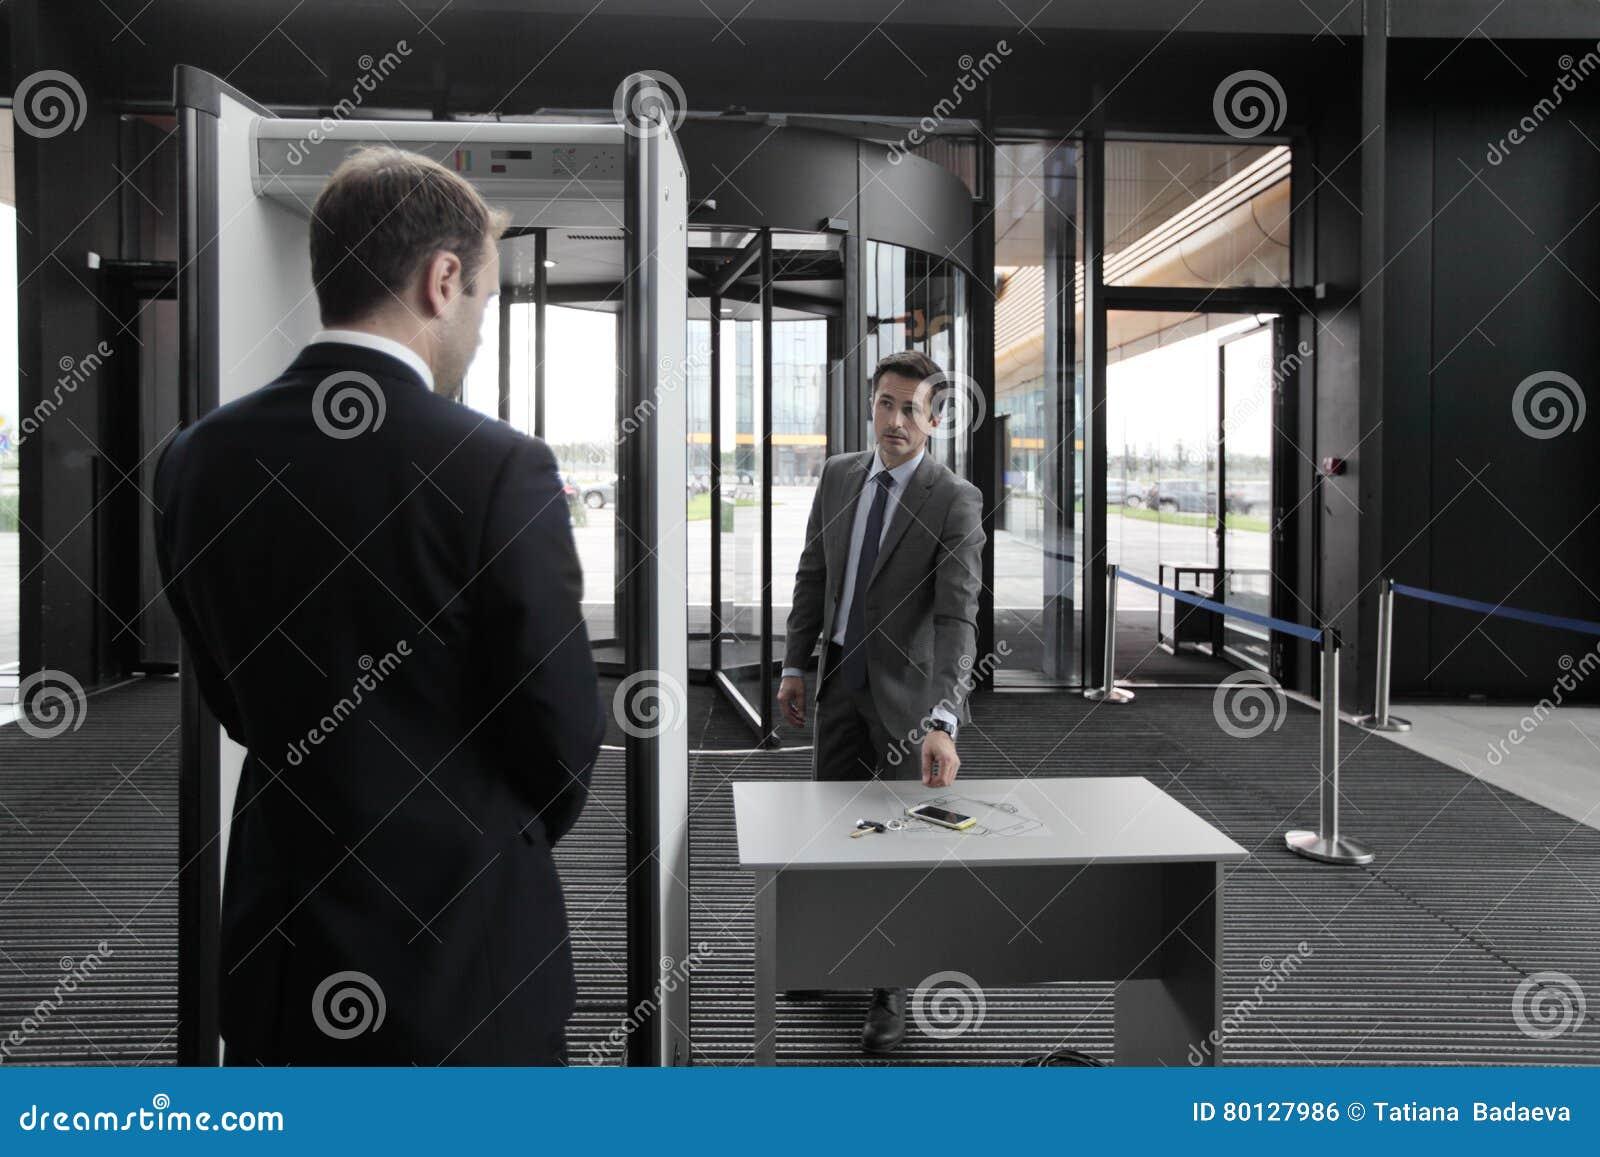 Άτομο στις πύλες ασφαλείας αεροδρομίου